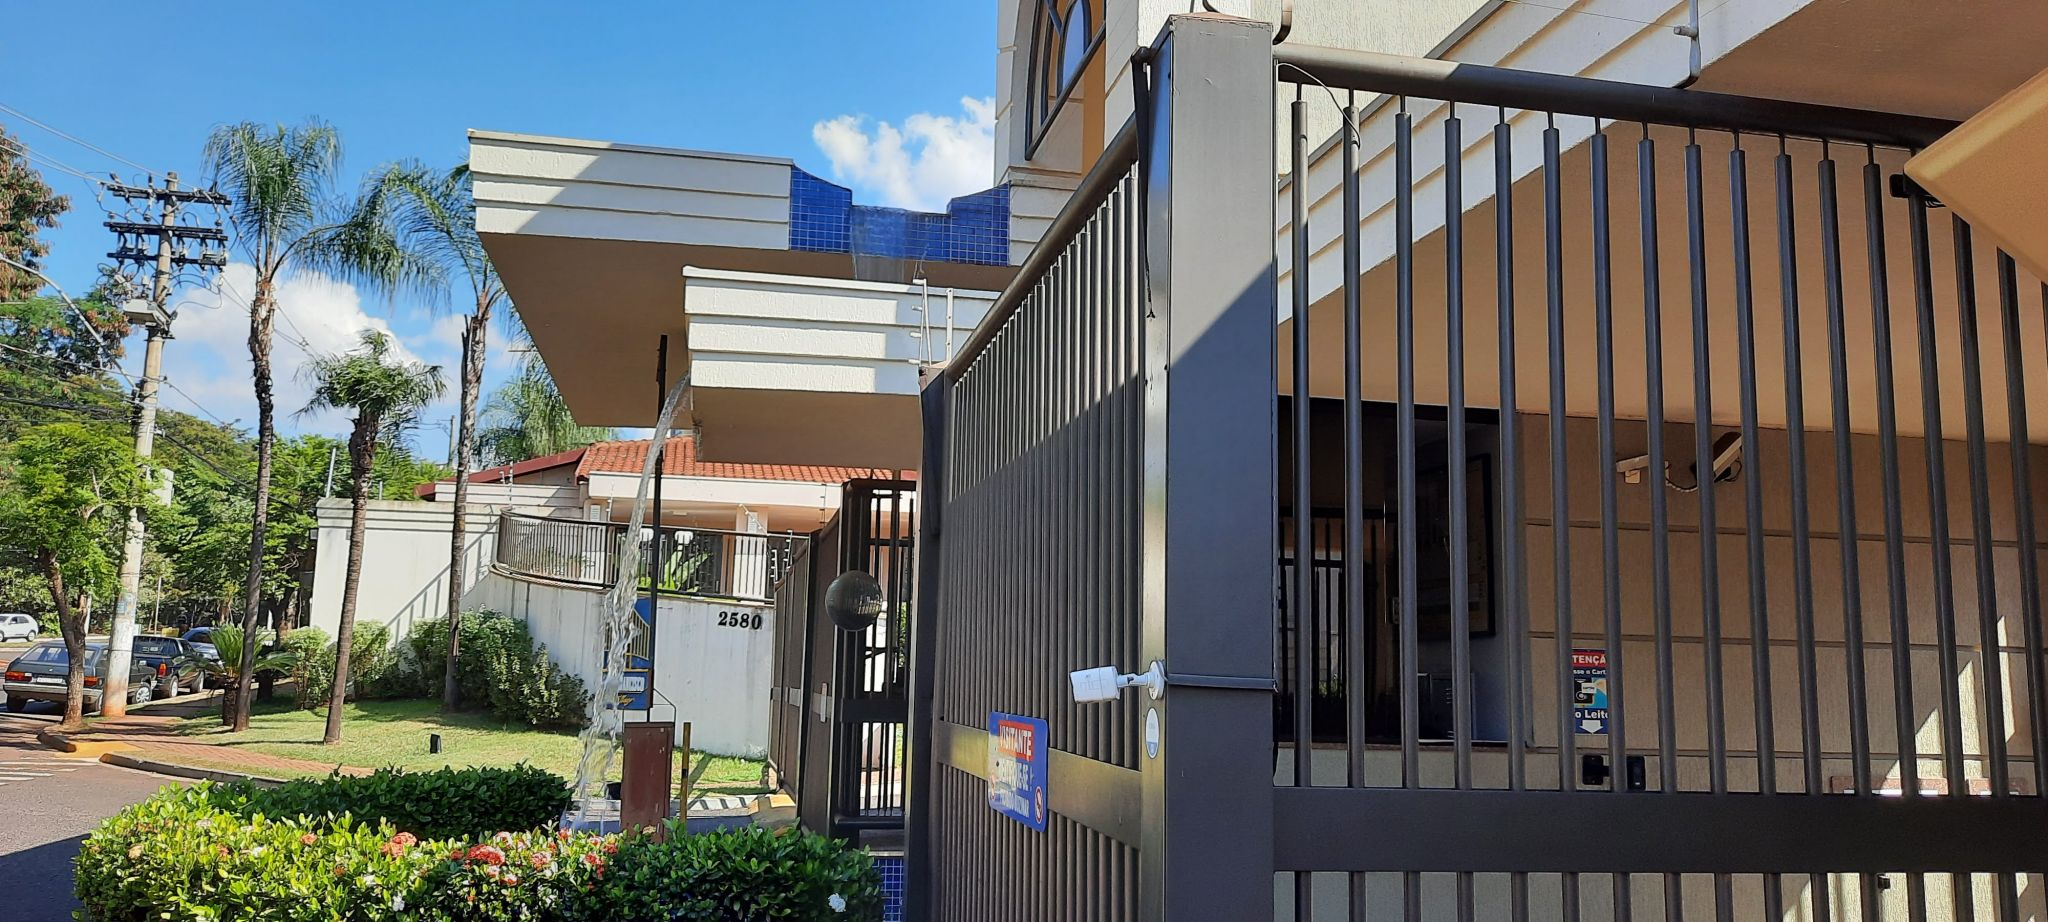 762 - Casa em Condomínio Jardim Botânico 3 Dormitórios